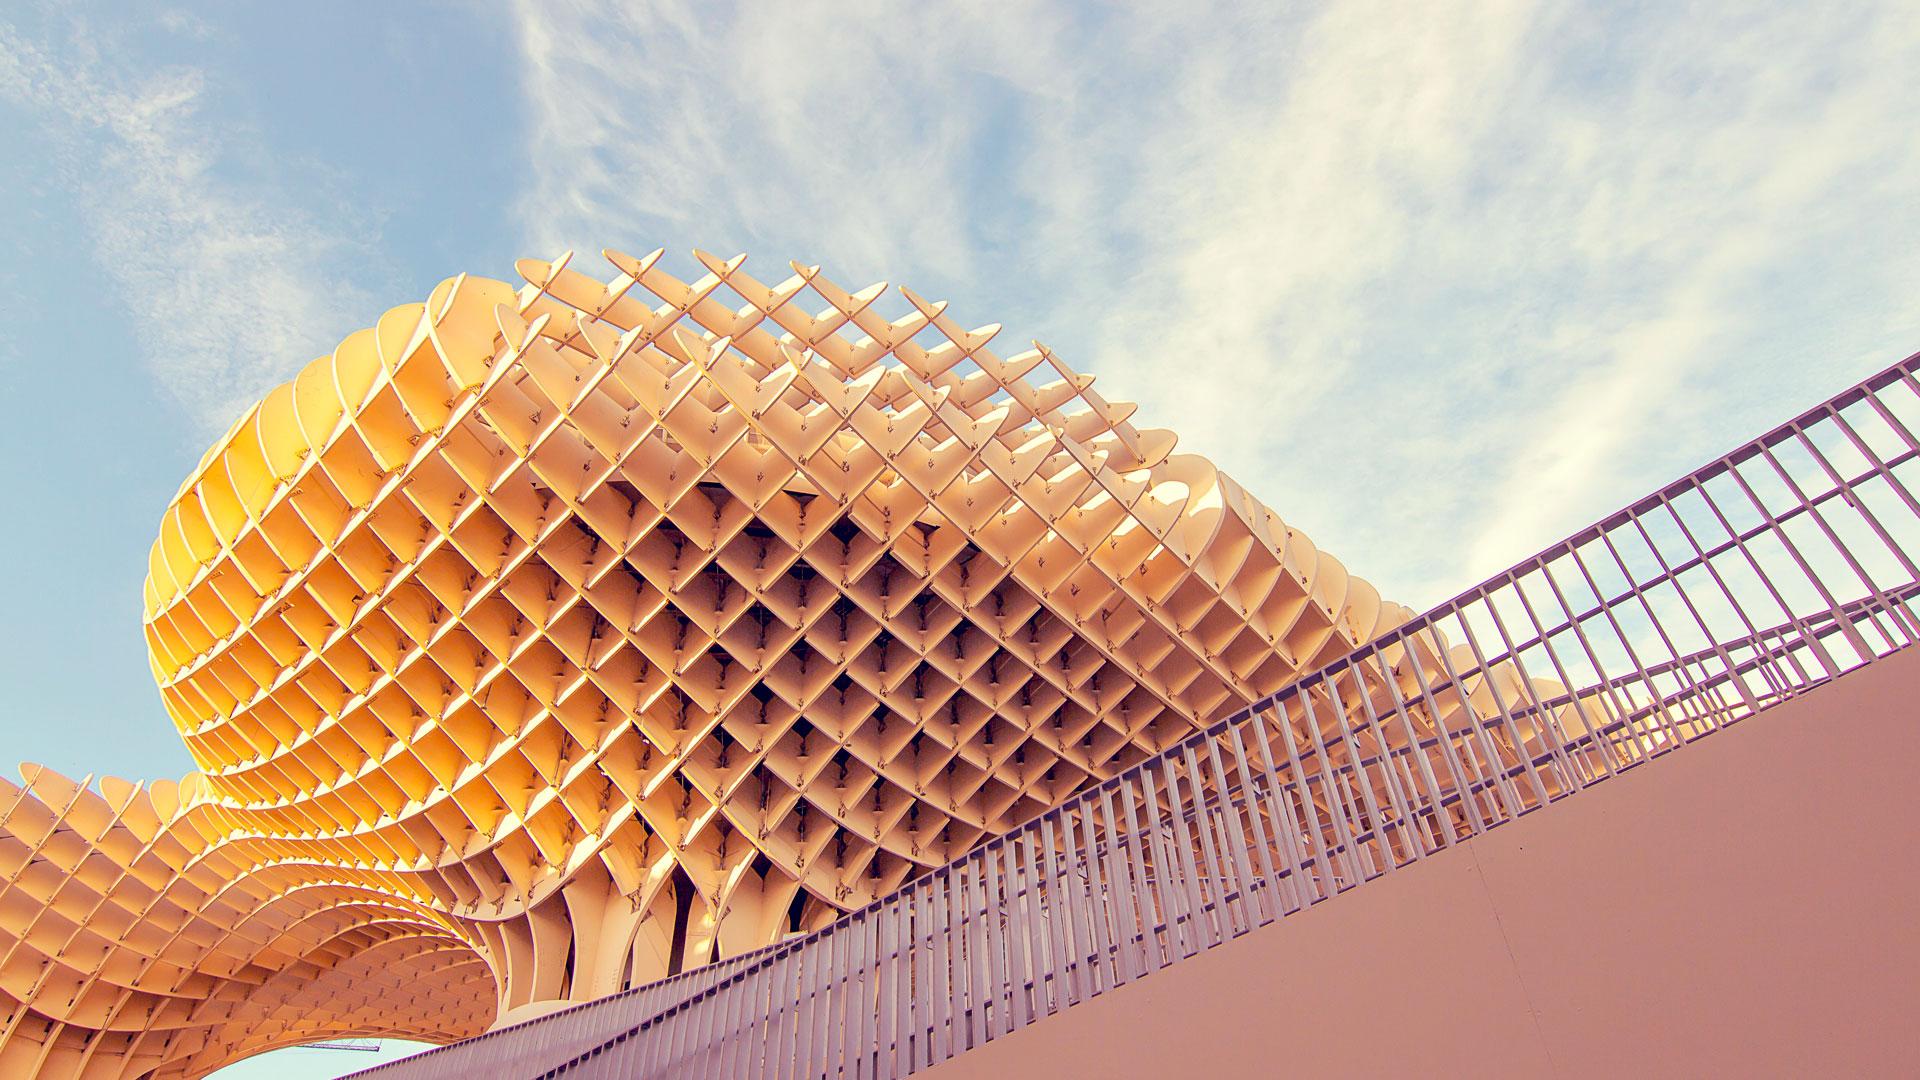 Imagen de la capital de Andalucía Sevilla